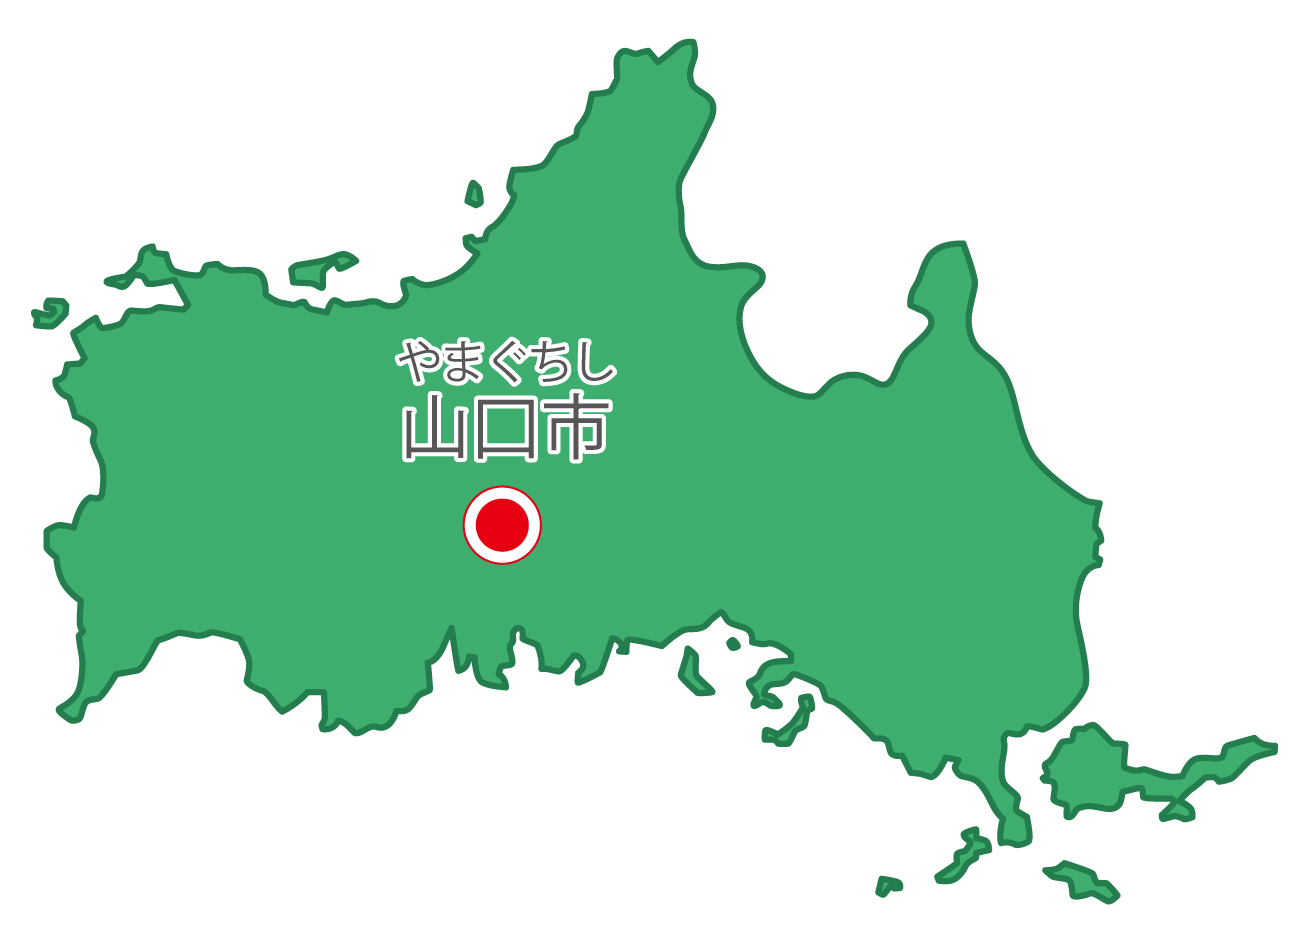 山口県無料フリーイラスト|日本語・県庁所在地あり・ルビあり(緑)